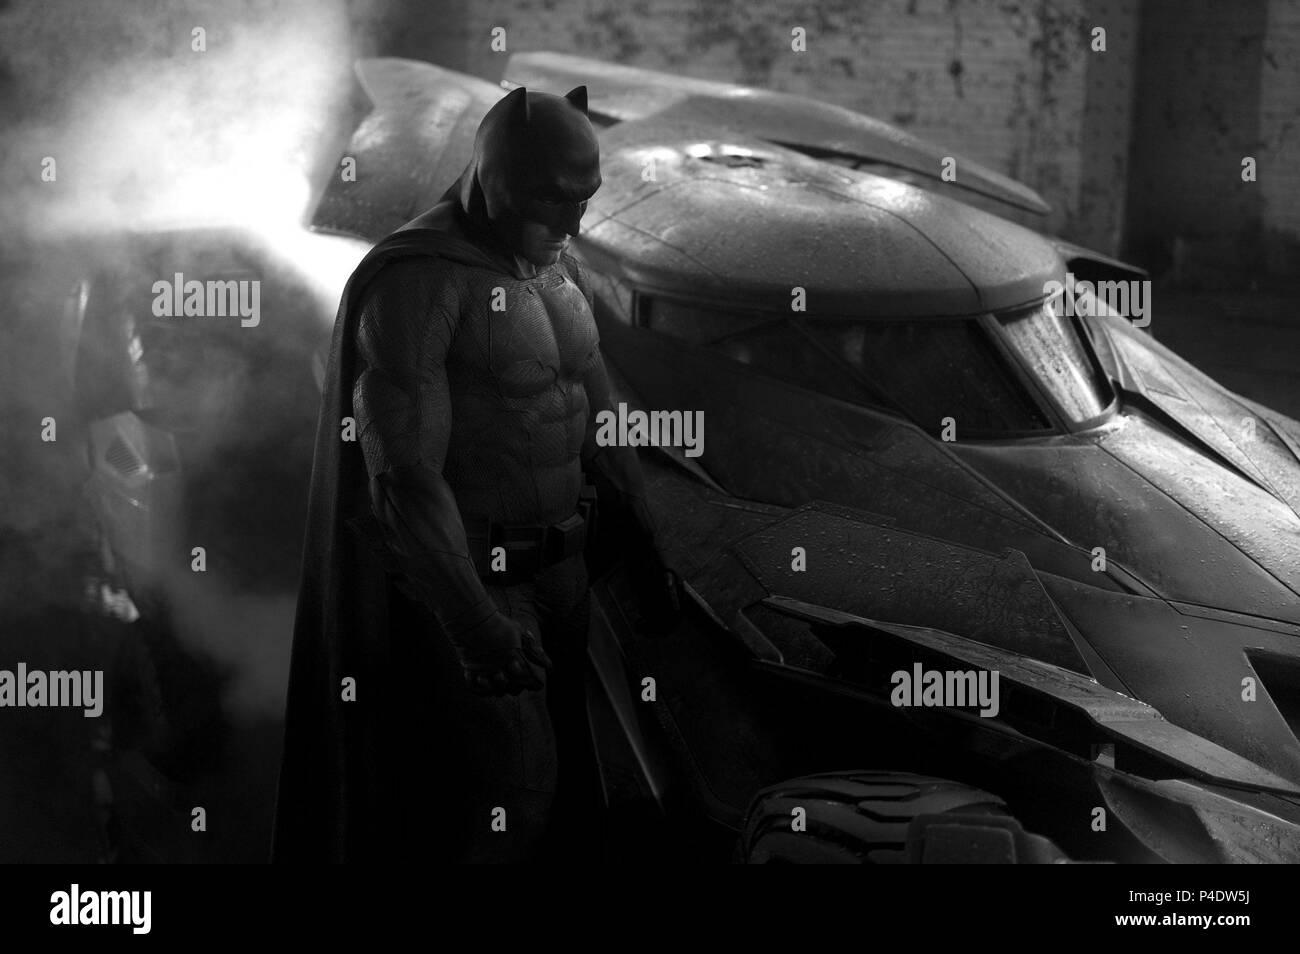 Original Film Title: BATMAN V SUPERMAN: DAWN OF JUSTICE.  English Title: BATMAN V SUPERMAN: DAWN OF JUSTICE.  Film Director: ZACK SNYDER.  Year: 2016.  Stars: BEN AFFLECK. Credit: DC ENT./DUNE ENT/SYNCOPY/WARNER BROS / Album - Stock Image